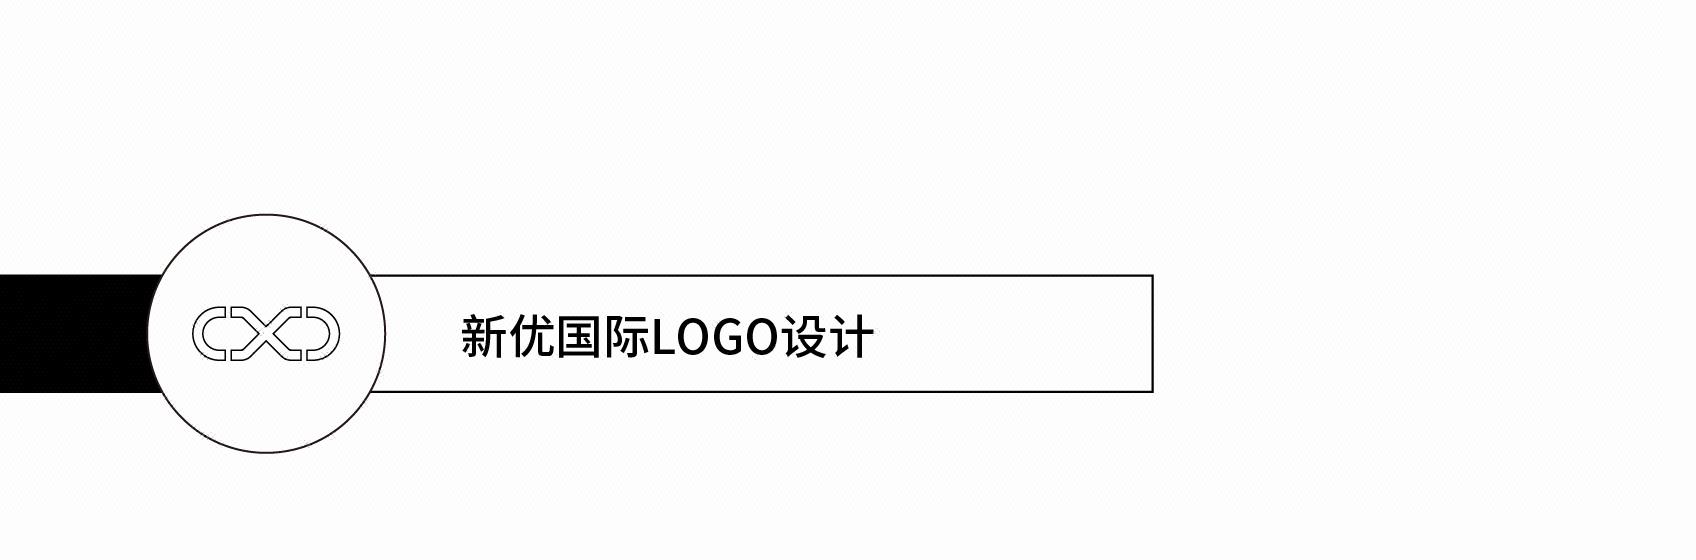 LOGO_字体设计文字logo公司企业品牌标志图标设计15